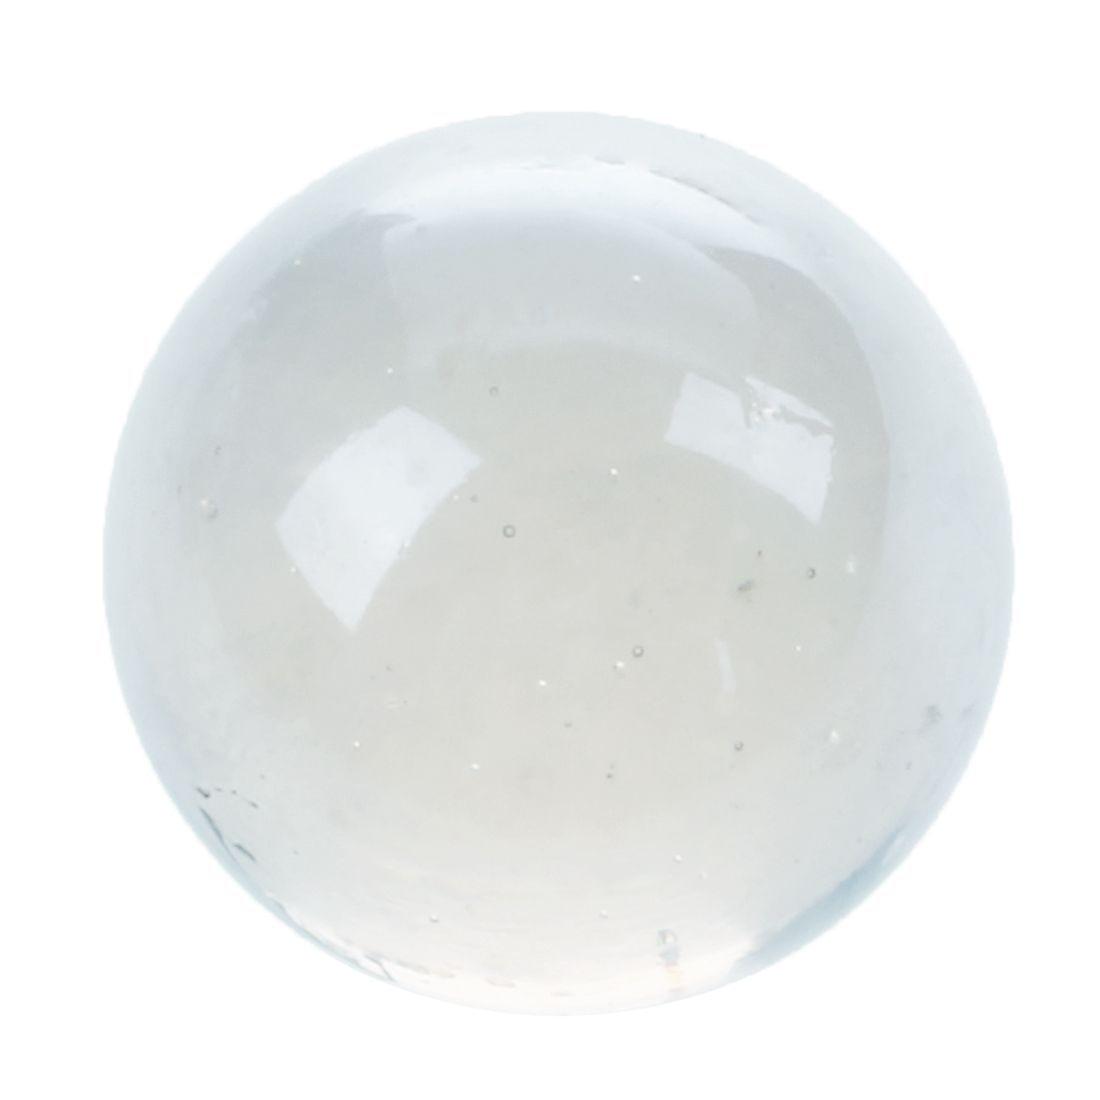 MACH 10 pièces billes 16mm verre billes Knicker boules de verre décoration couleur pépites jouet transparent